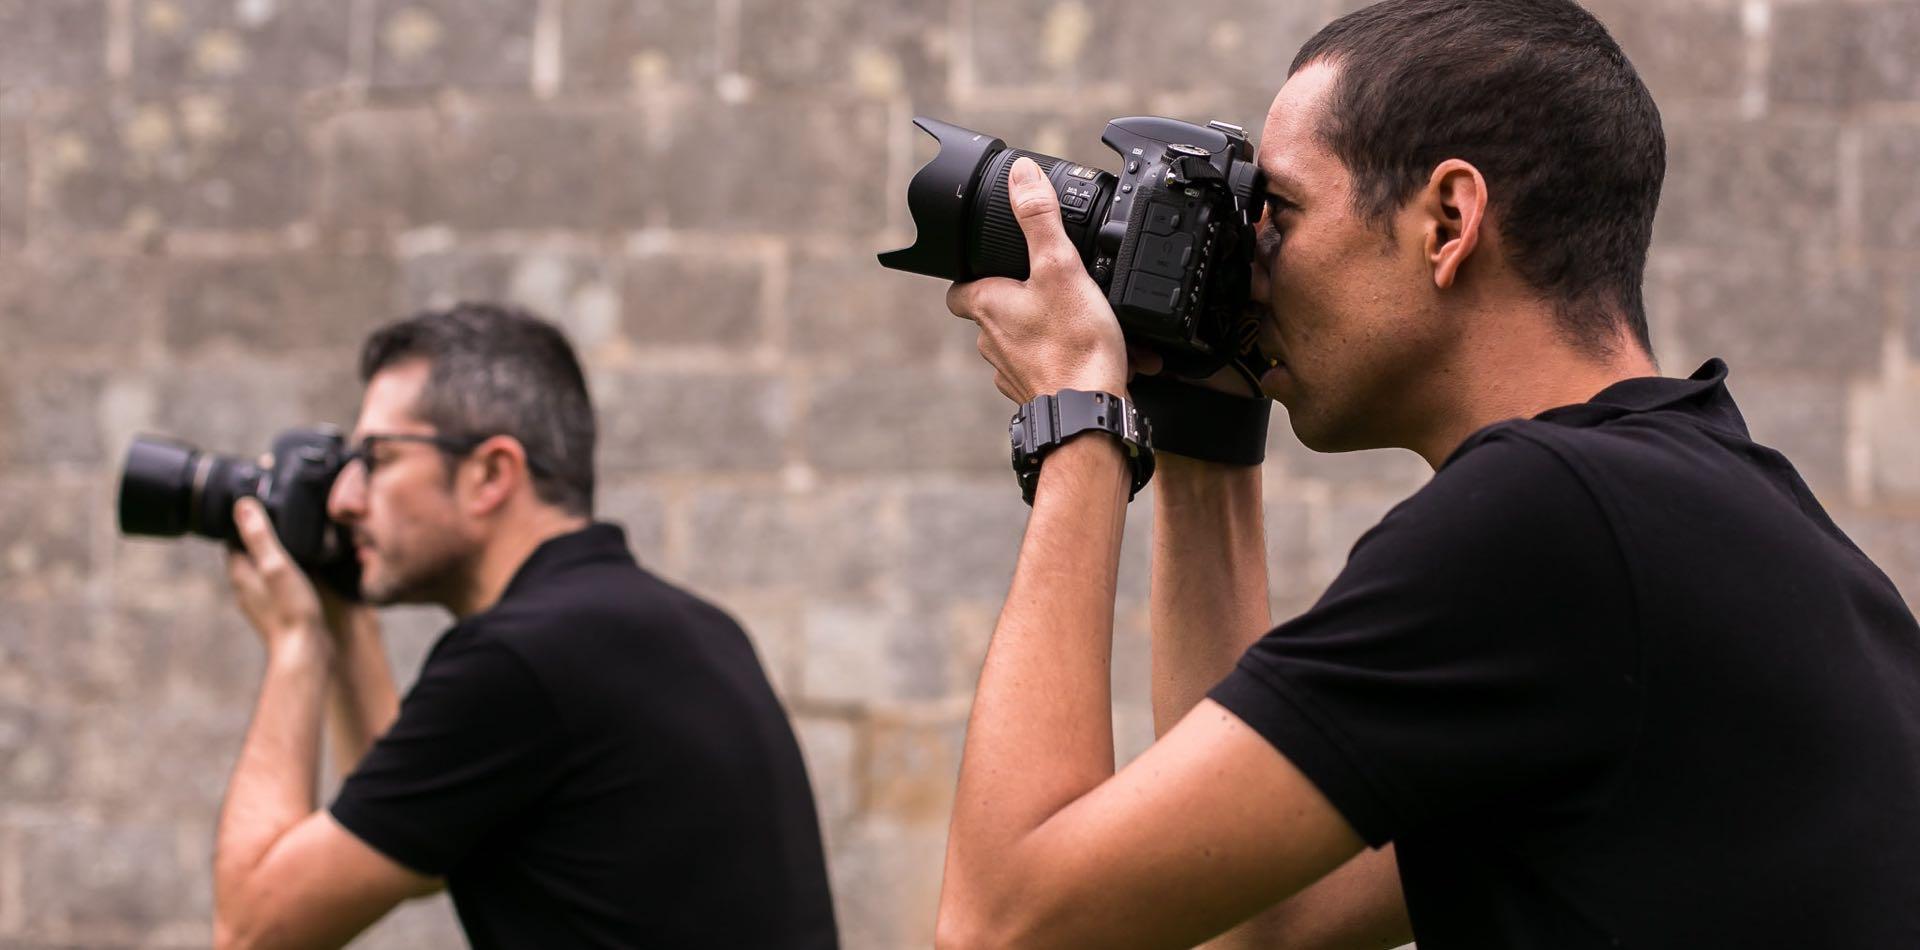 Nosotros somos Richard Candendo y Pablo Nunes fotógrafos de boda en notblank-Fotógrafo de boda